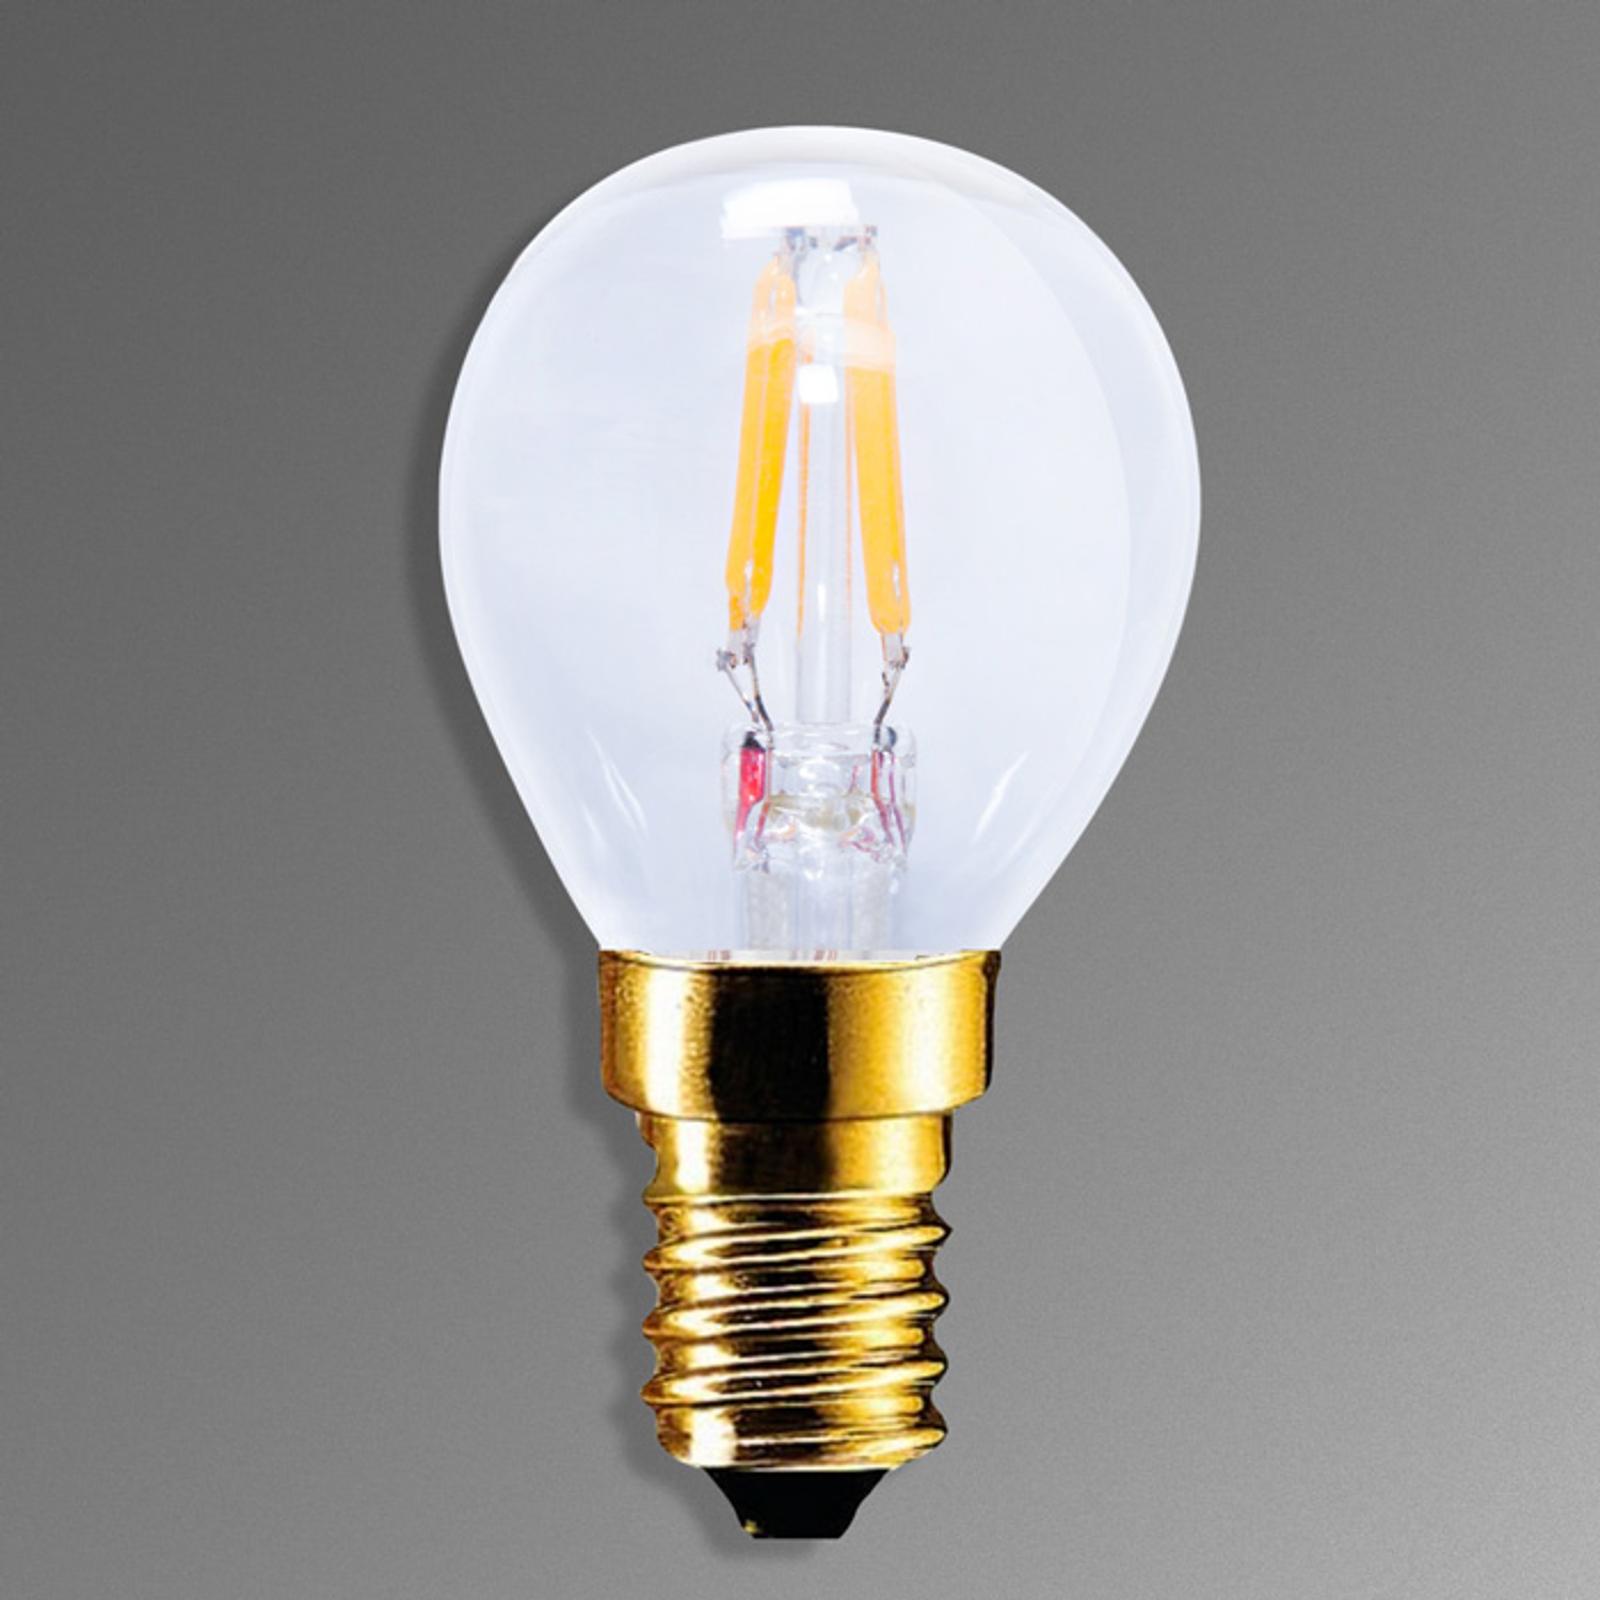 E14 2,2W 922 LED-stearinljuslampa i koltrådsoptik